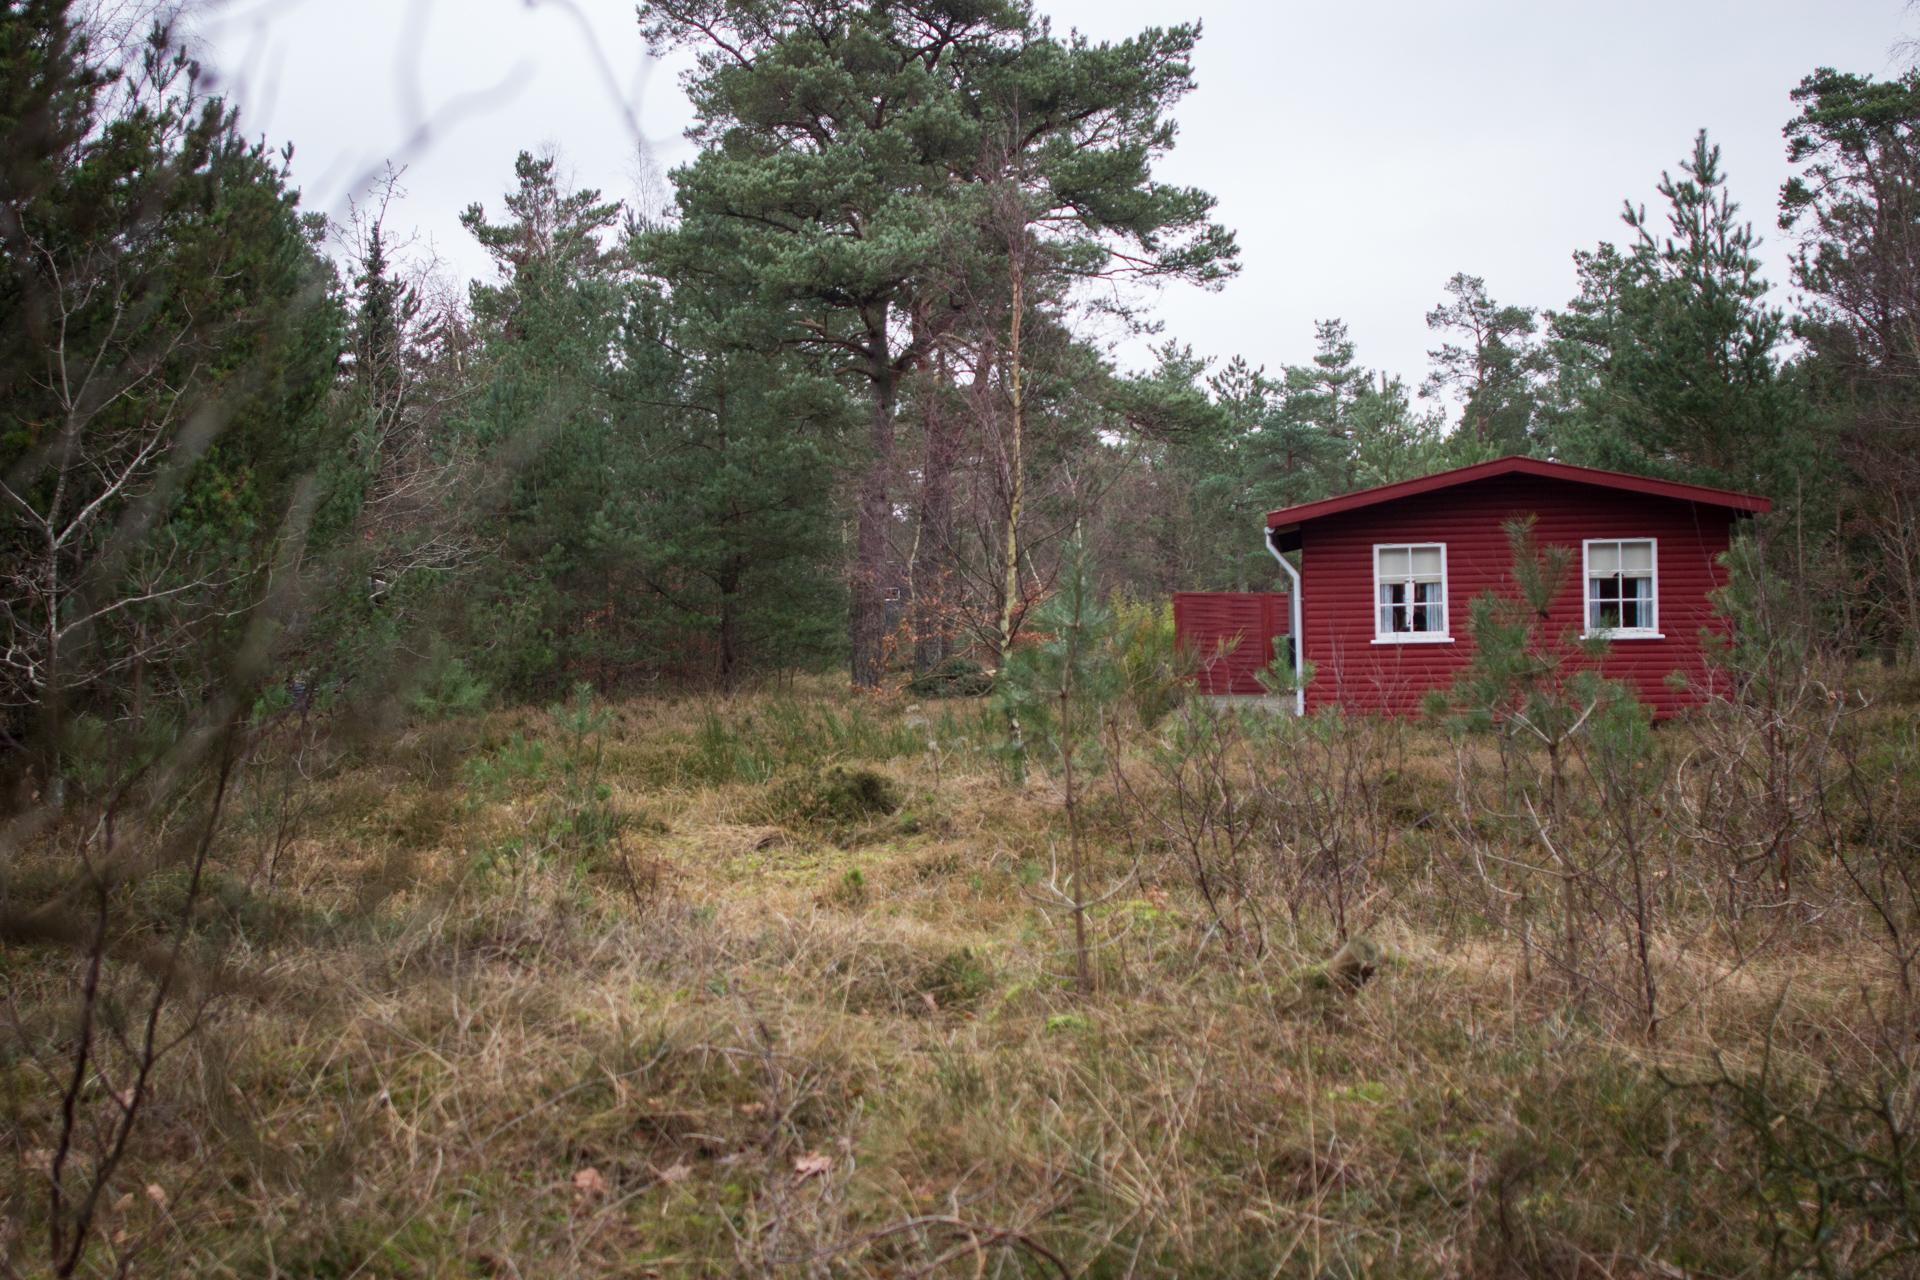 Explore Denmark's Geopark Odsherred